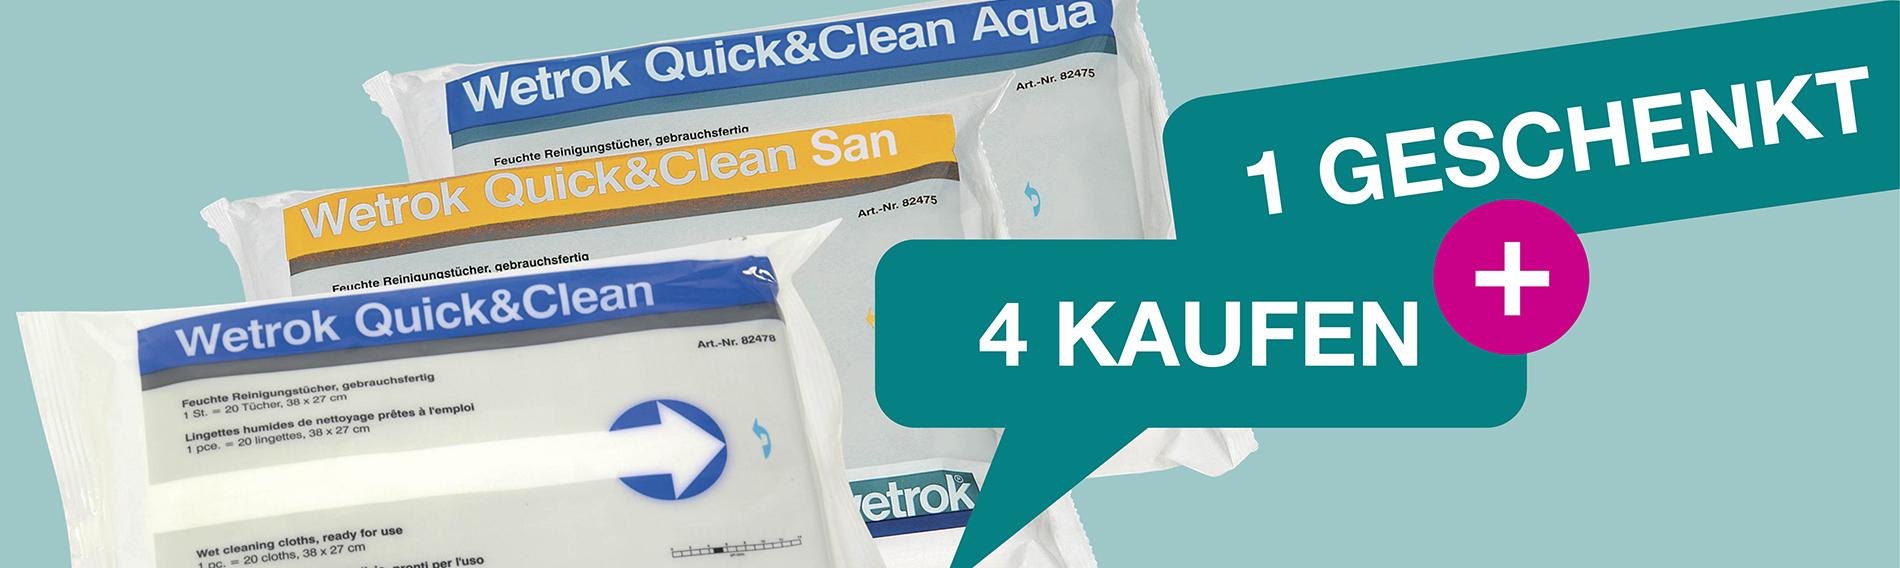 Quick & Clean: 5 för 4